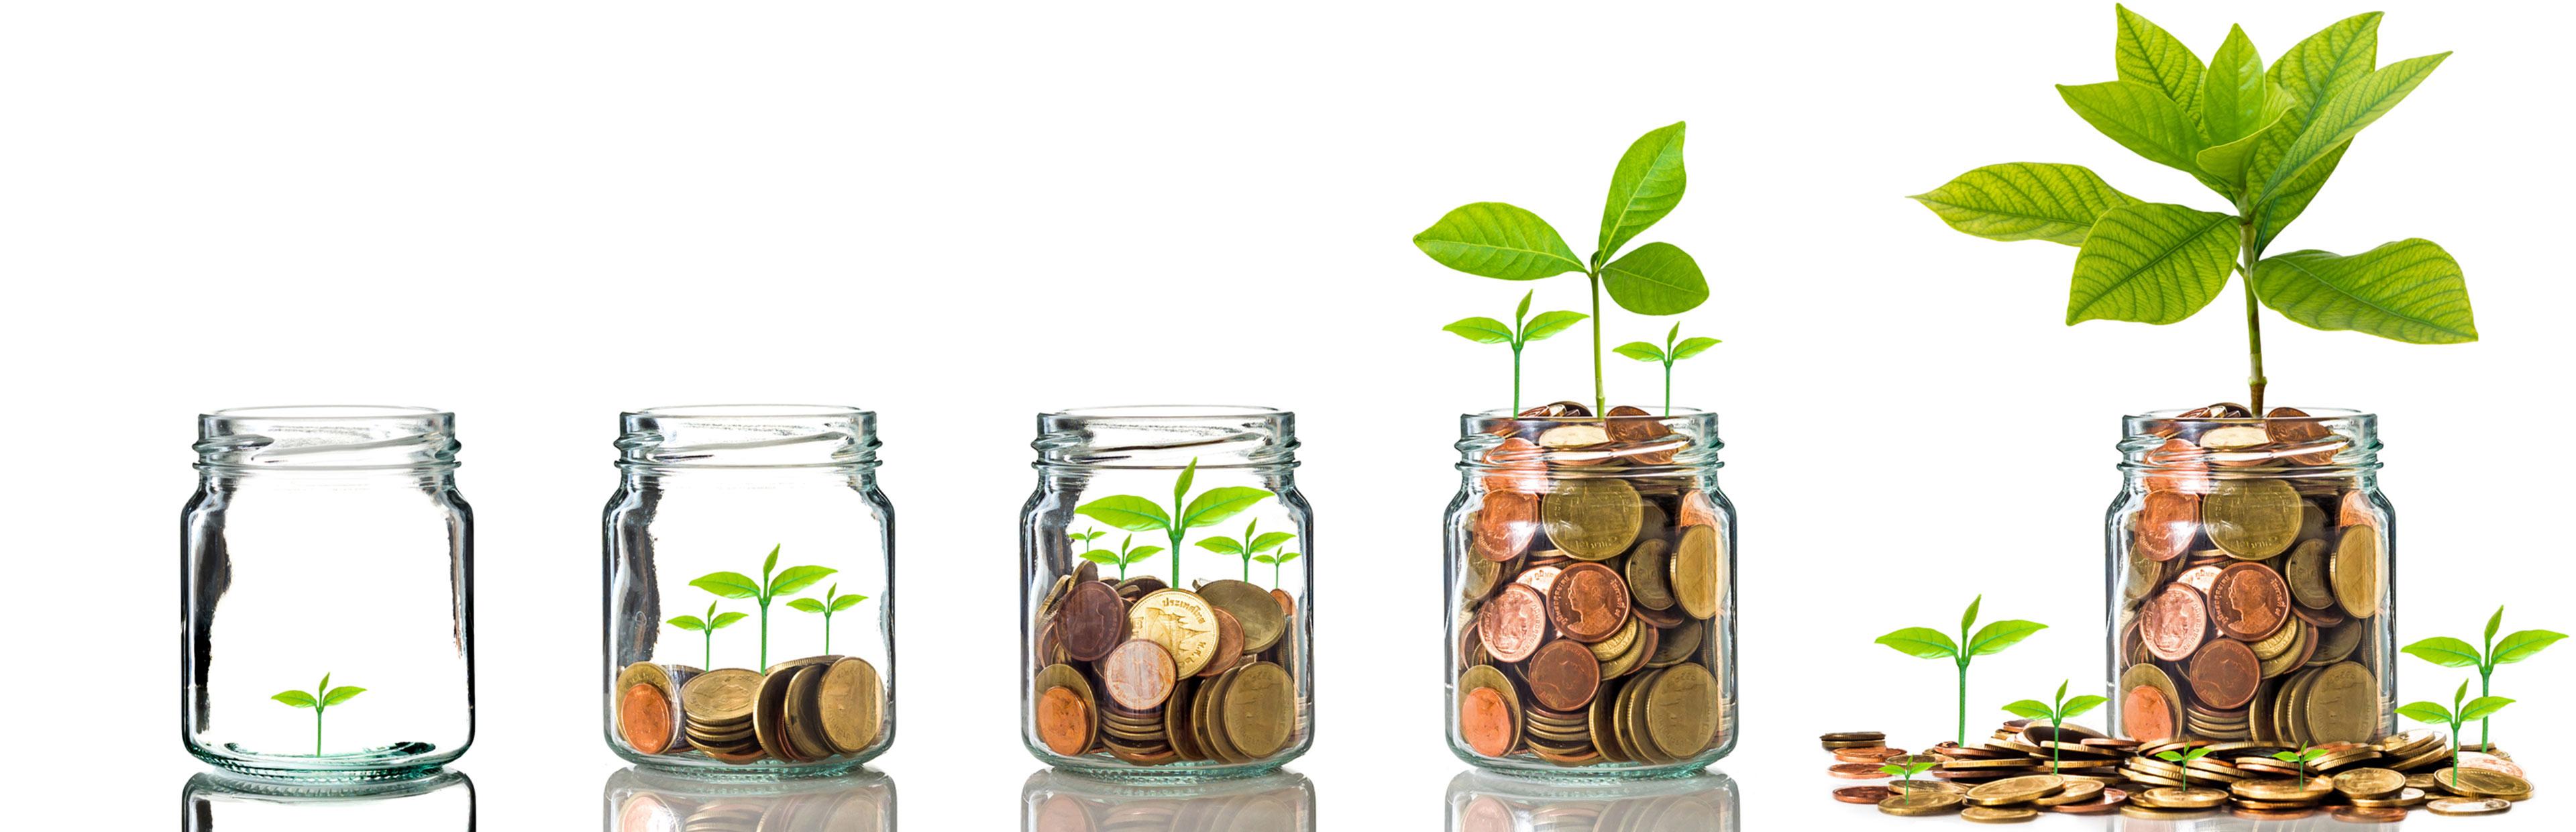 Fixed Deposit | National Savings Bank